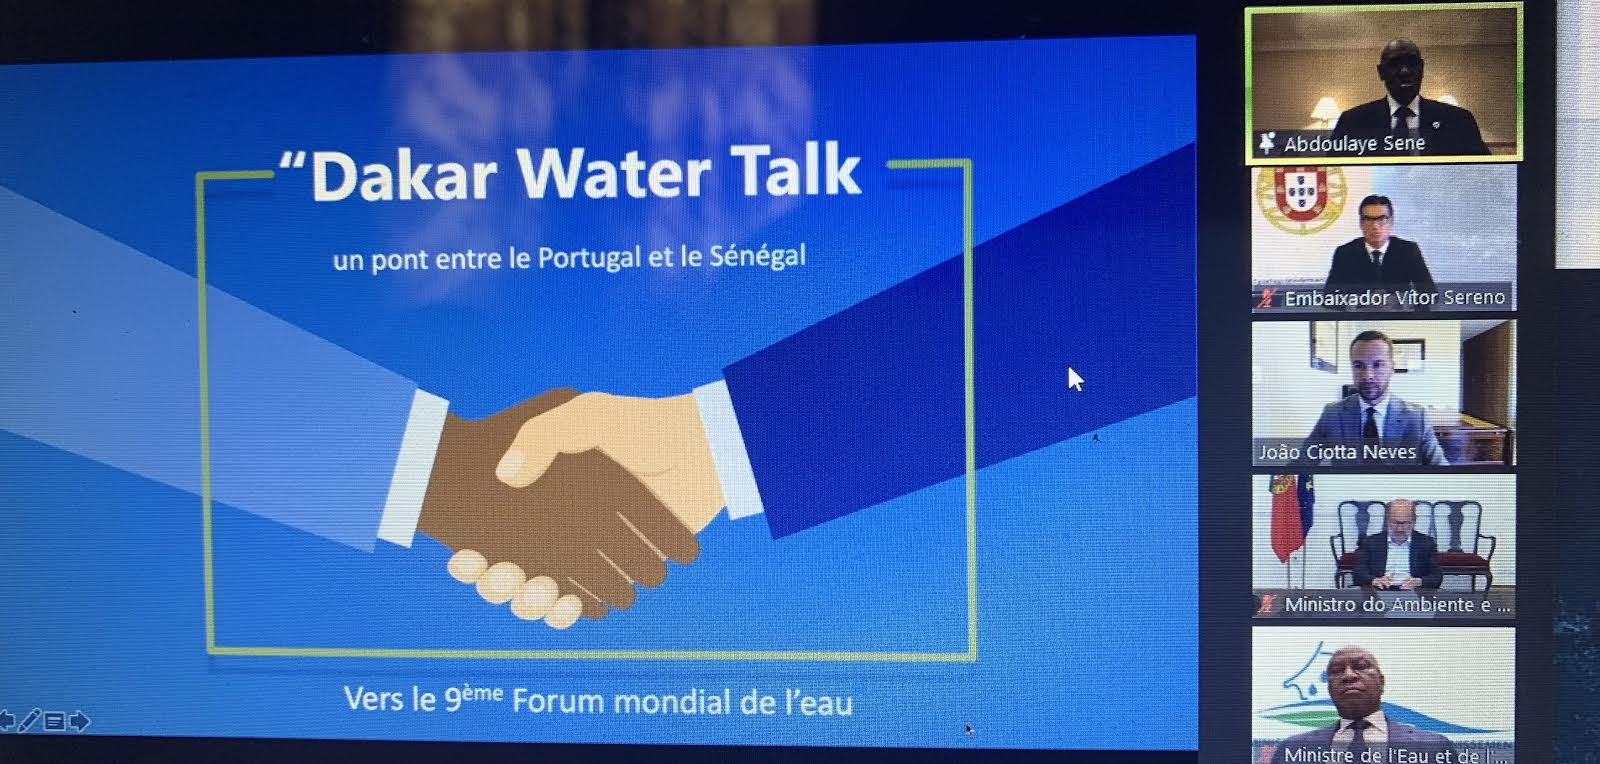 9ème forum mondial de l'eau : Vers le renforcement de la coopération bilatérale entre le Sénégal et le Portugal.